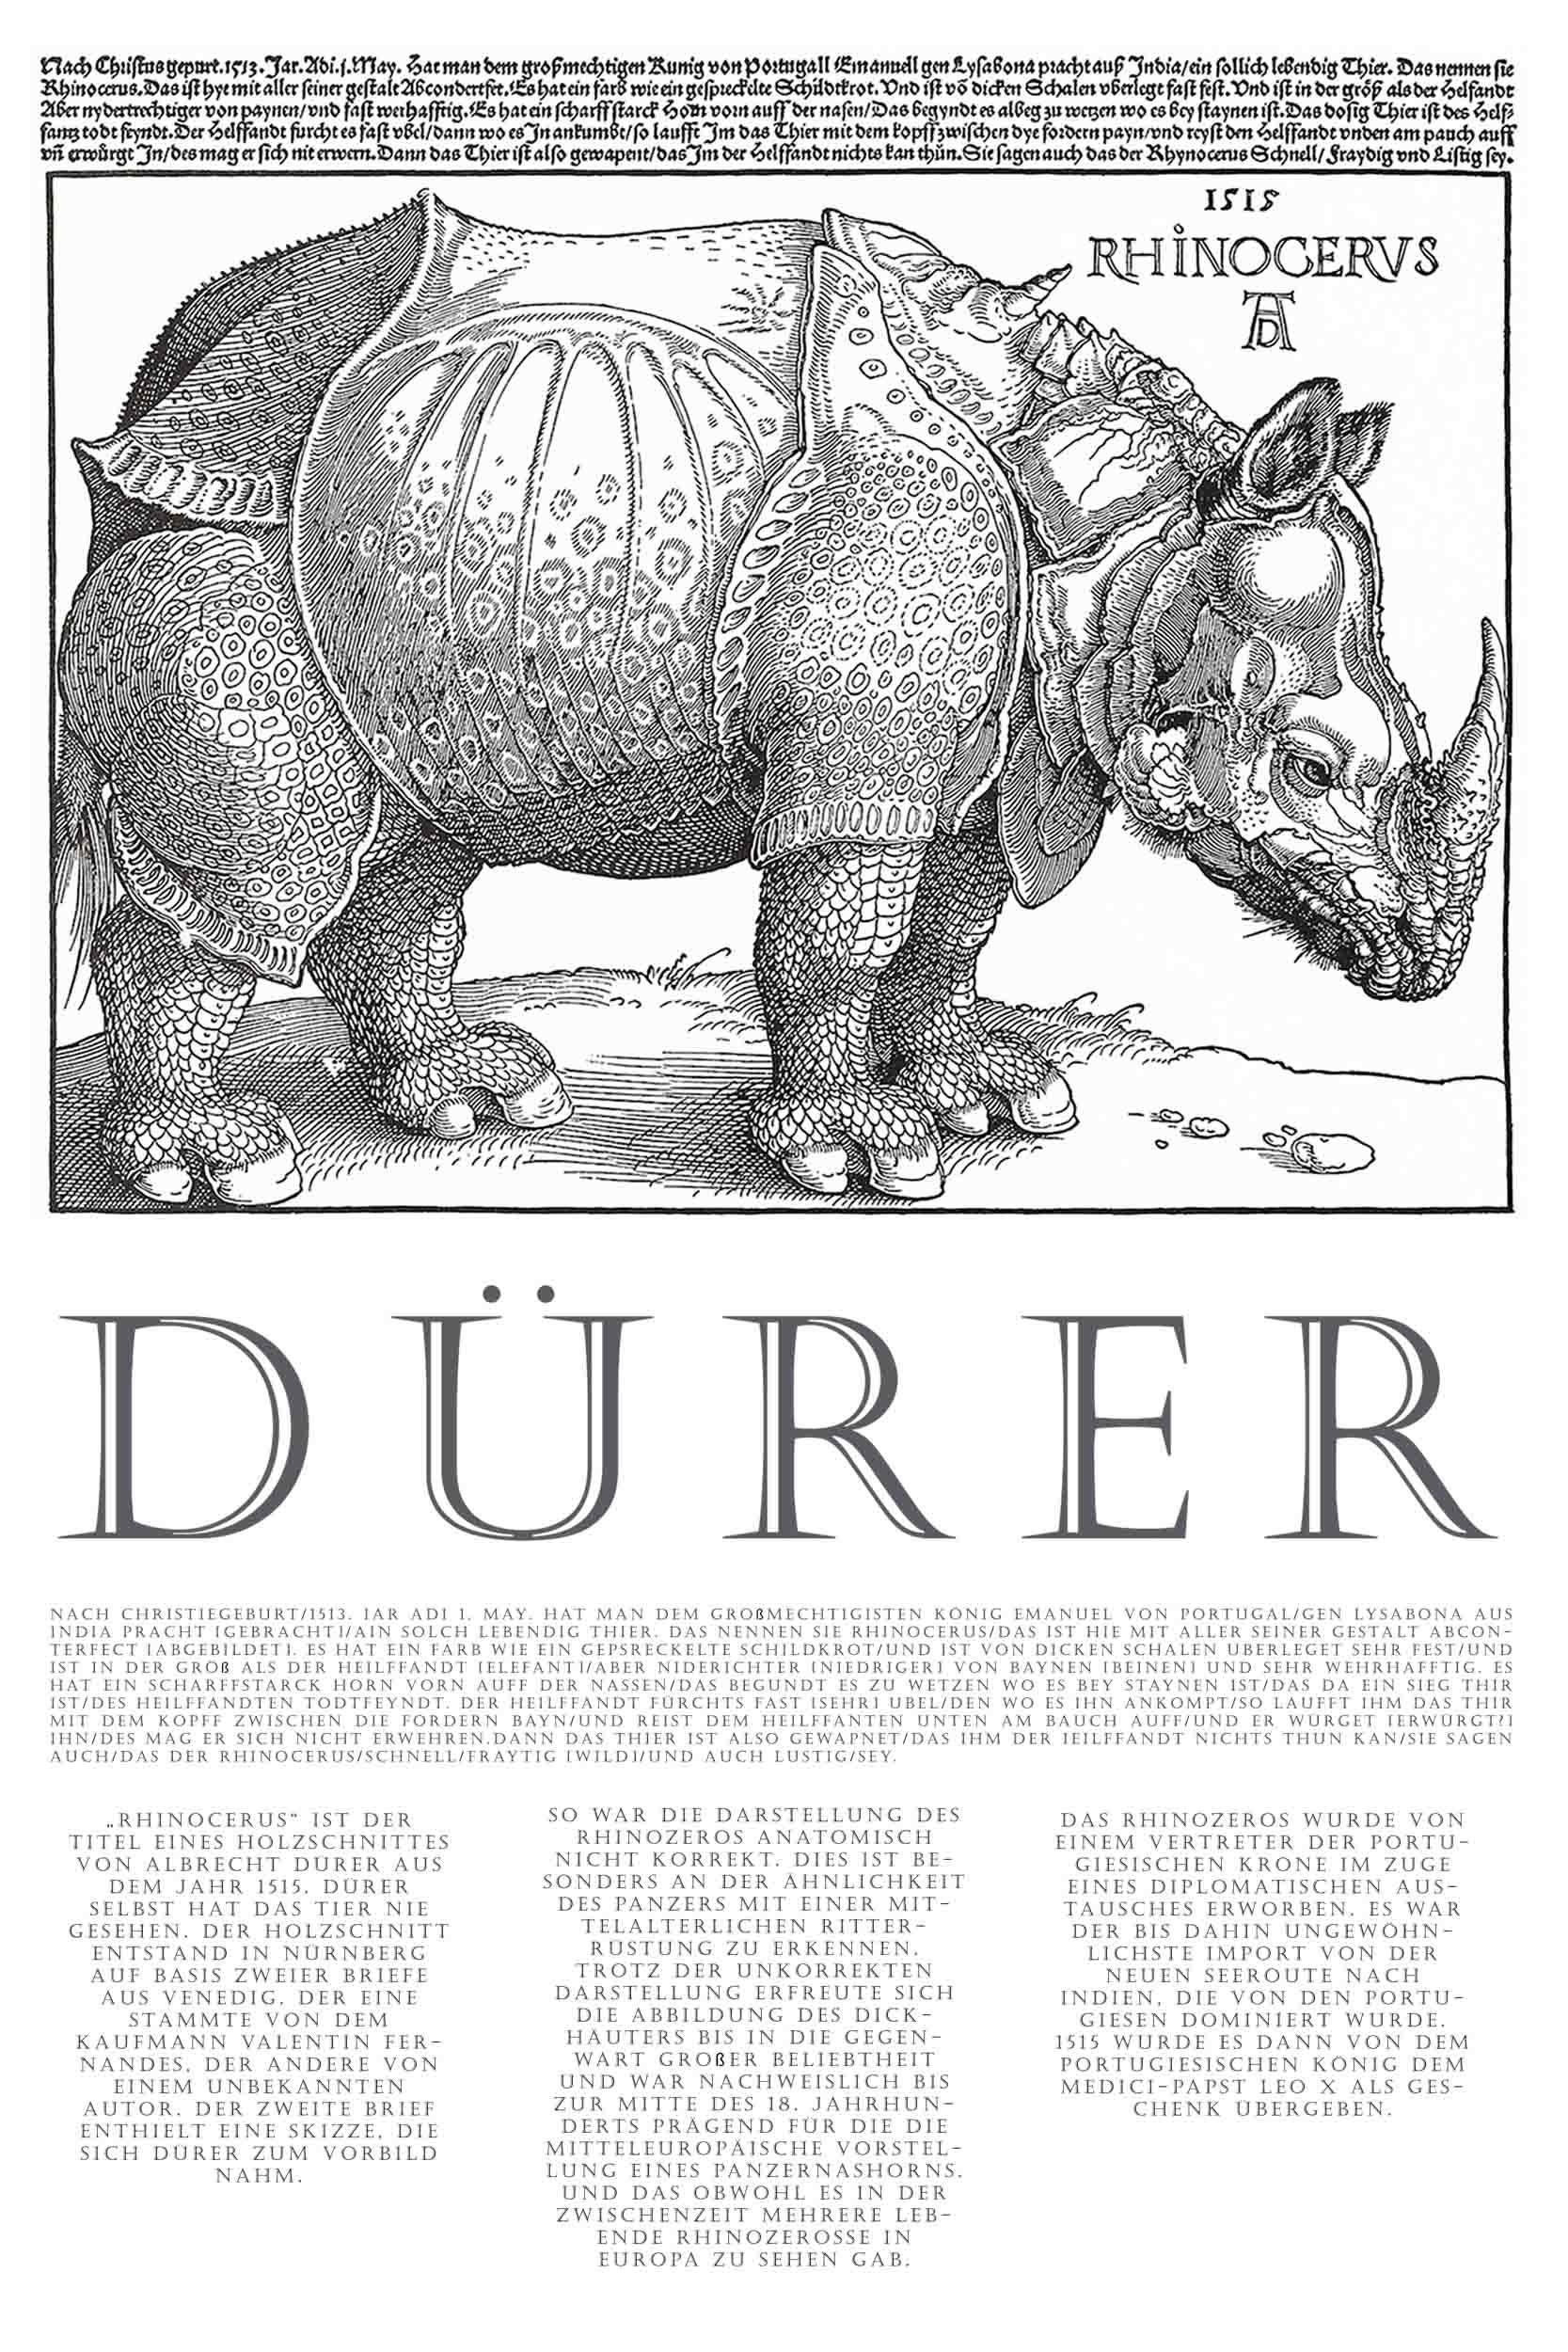 Duerer-Rhinozeros-1